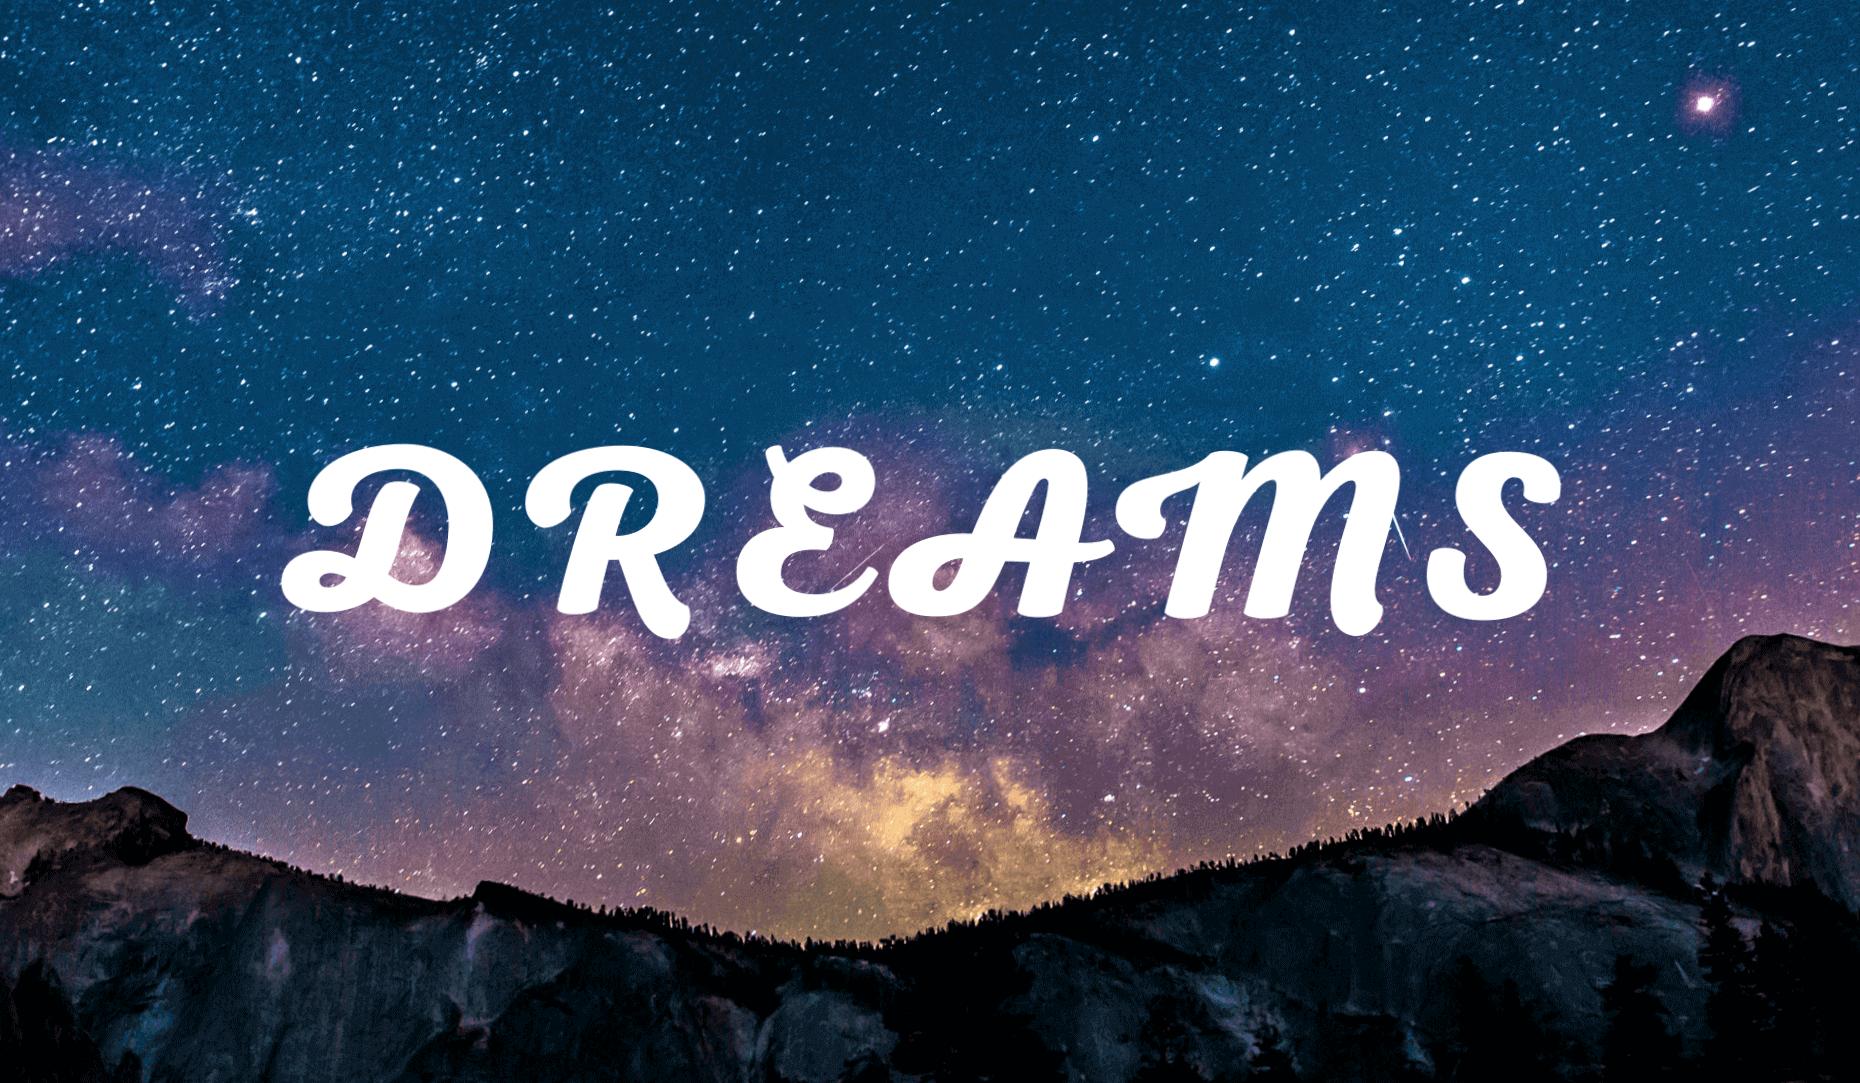 DREAMSKY realizzare i propri sogni